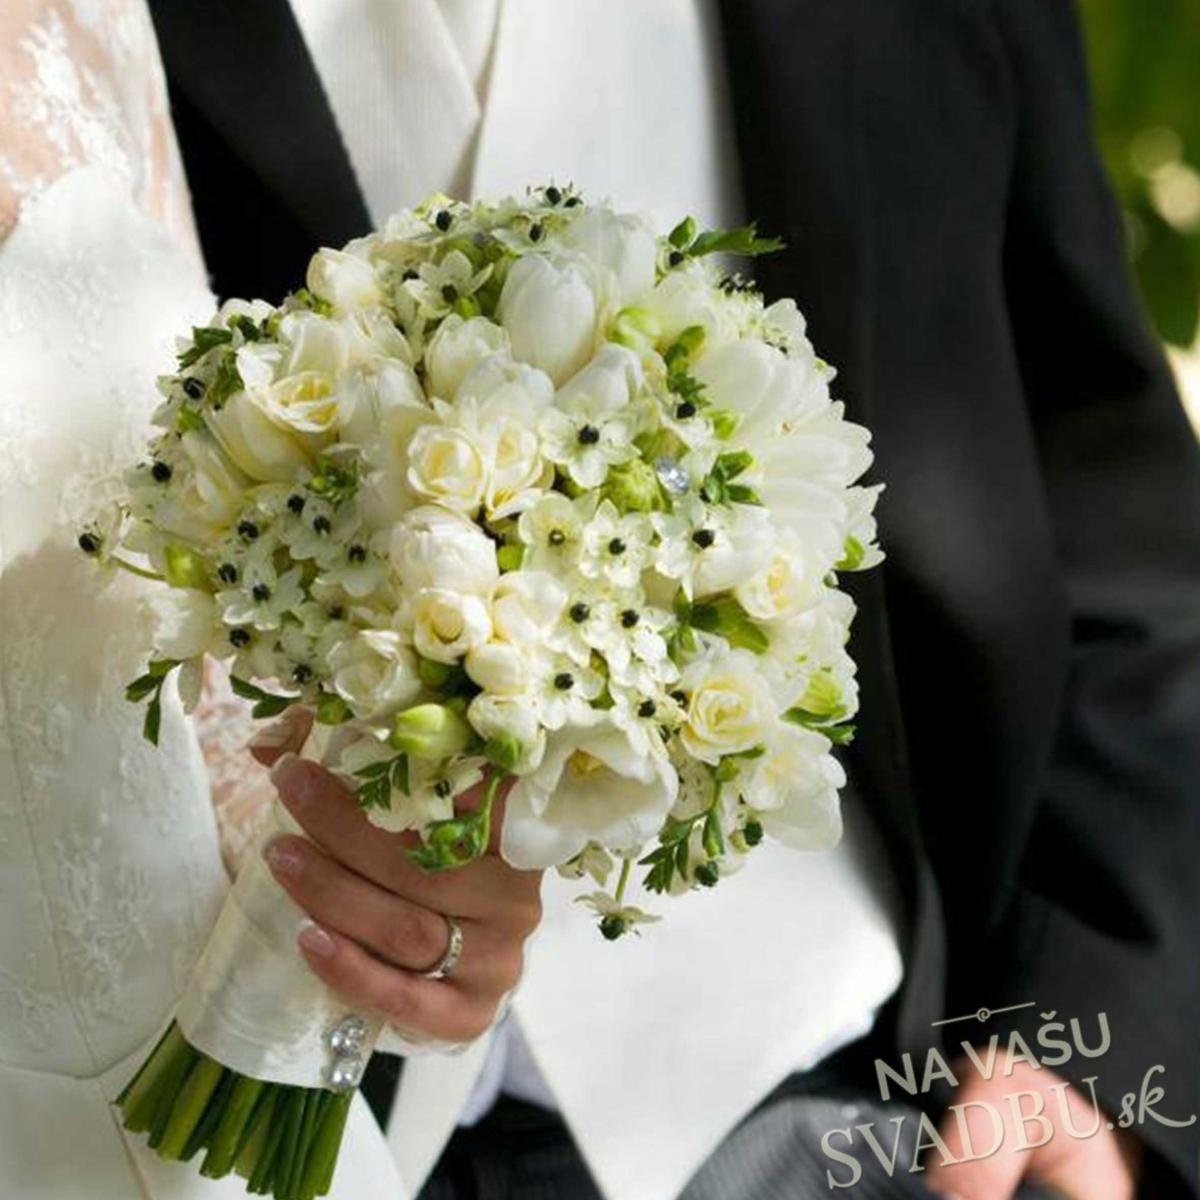 d4f68e7859 Ponúkame kytice viazané zo živých aj umelých kvetov. Po dohode je možné  kyticu doručiť k vám domov aj kuriérom.